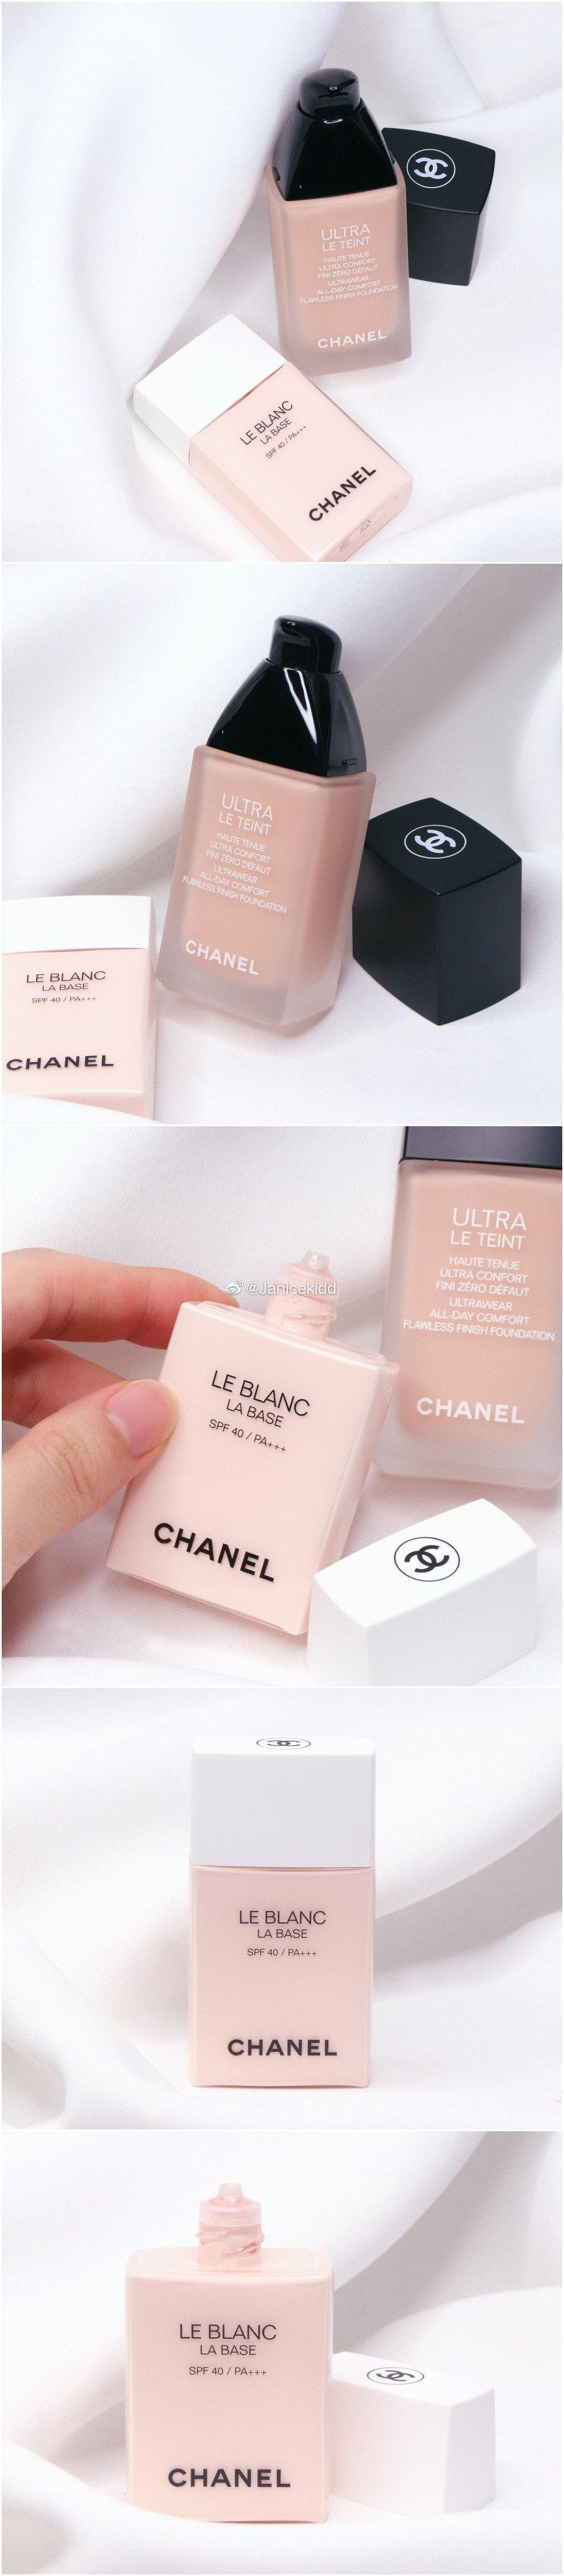 香奈儿CHANEL 珍珠光感新一代防护妆前乳使用分享